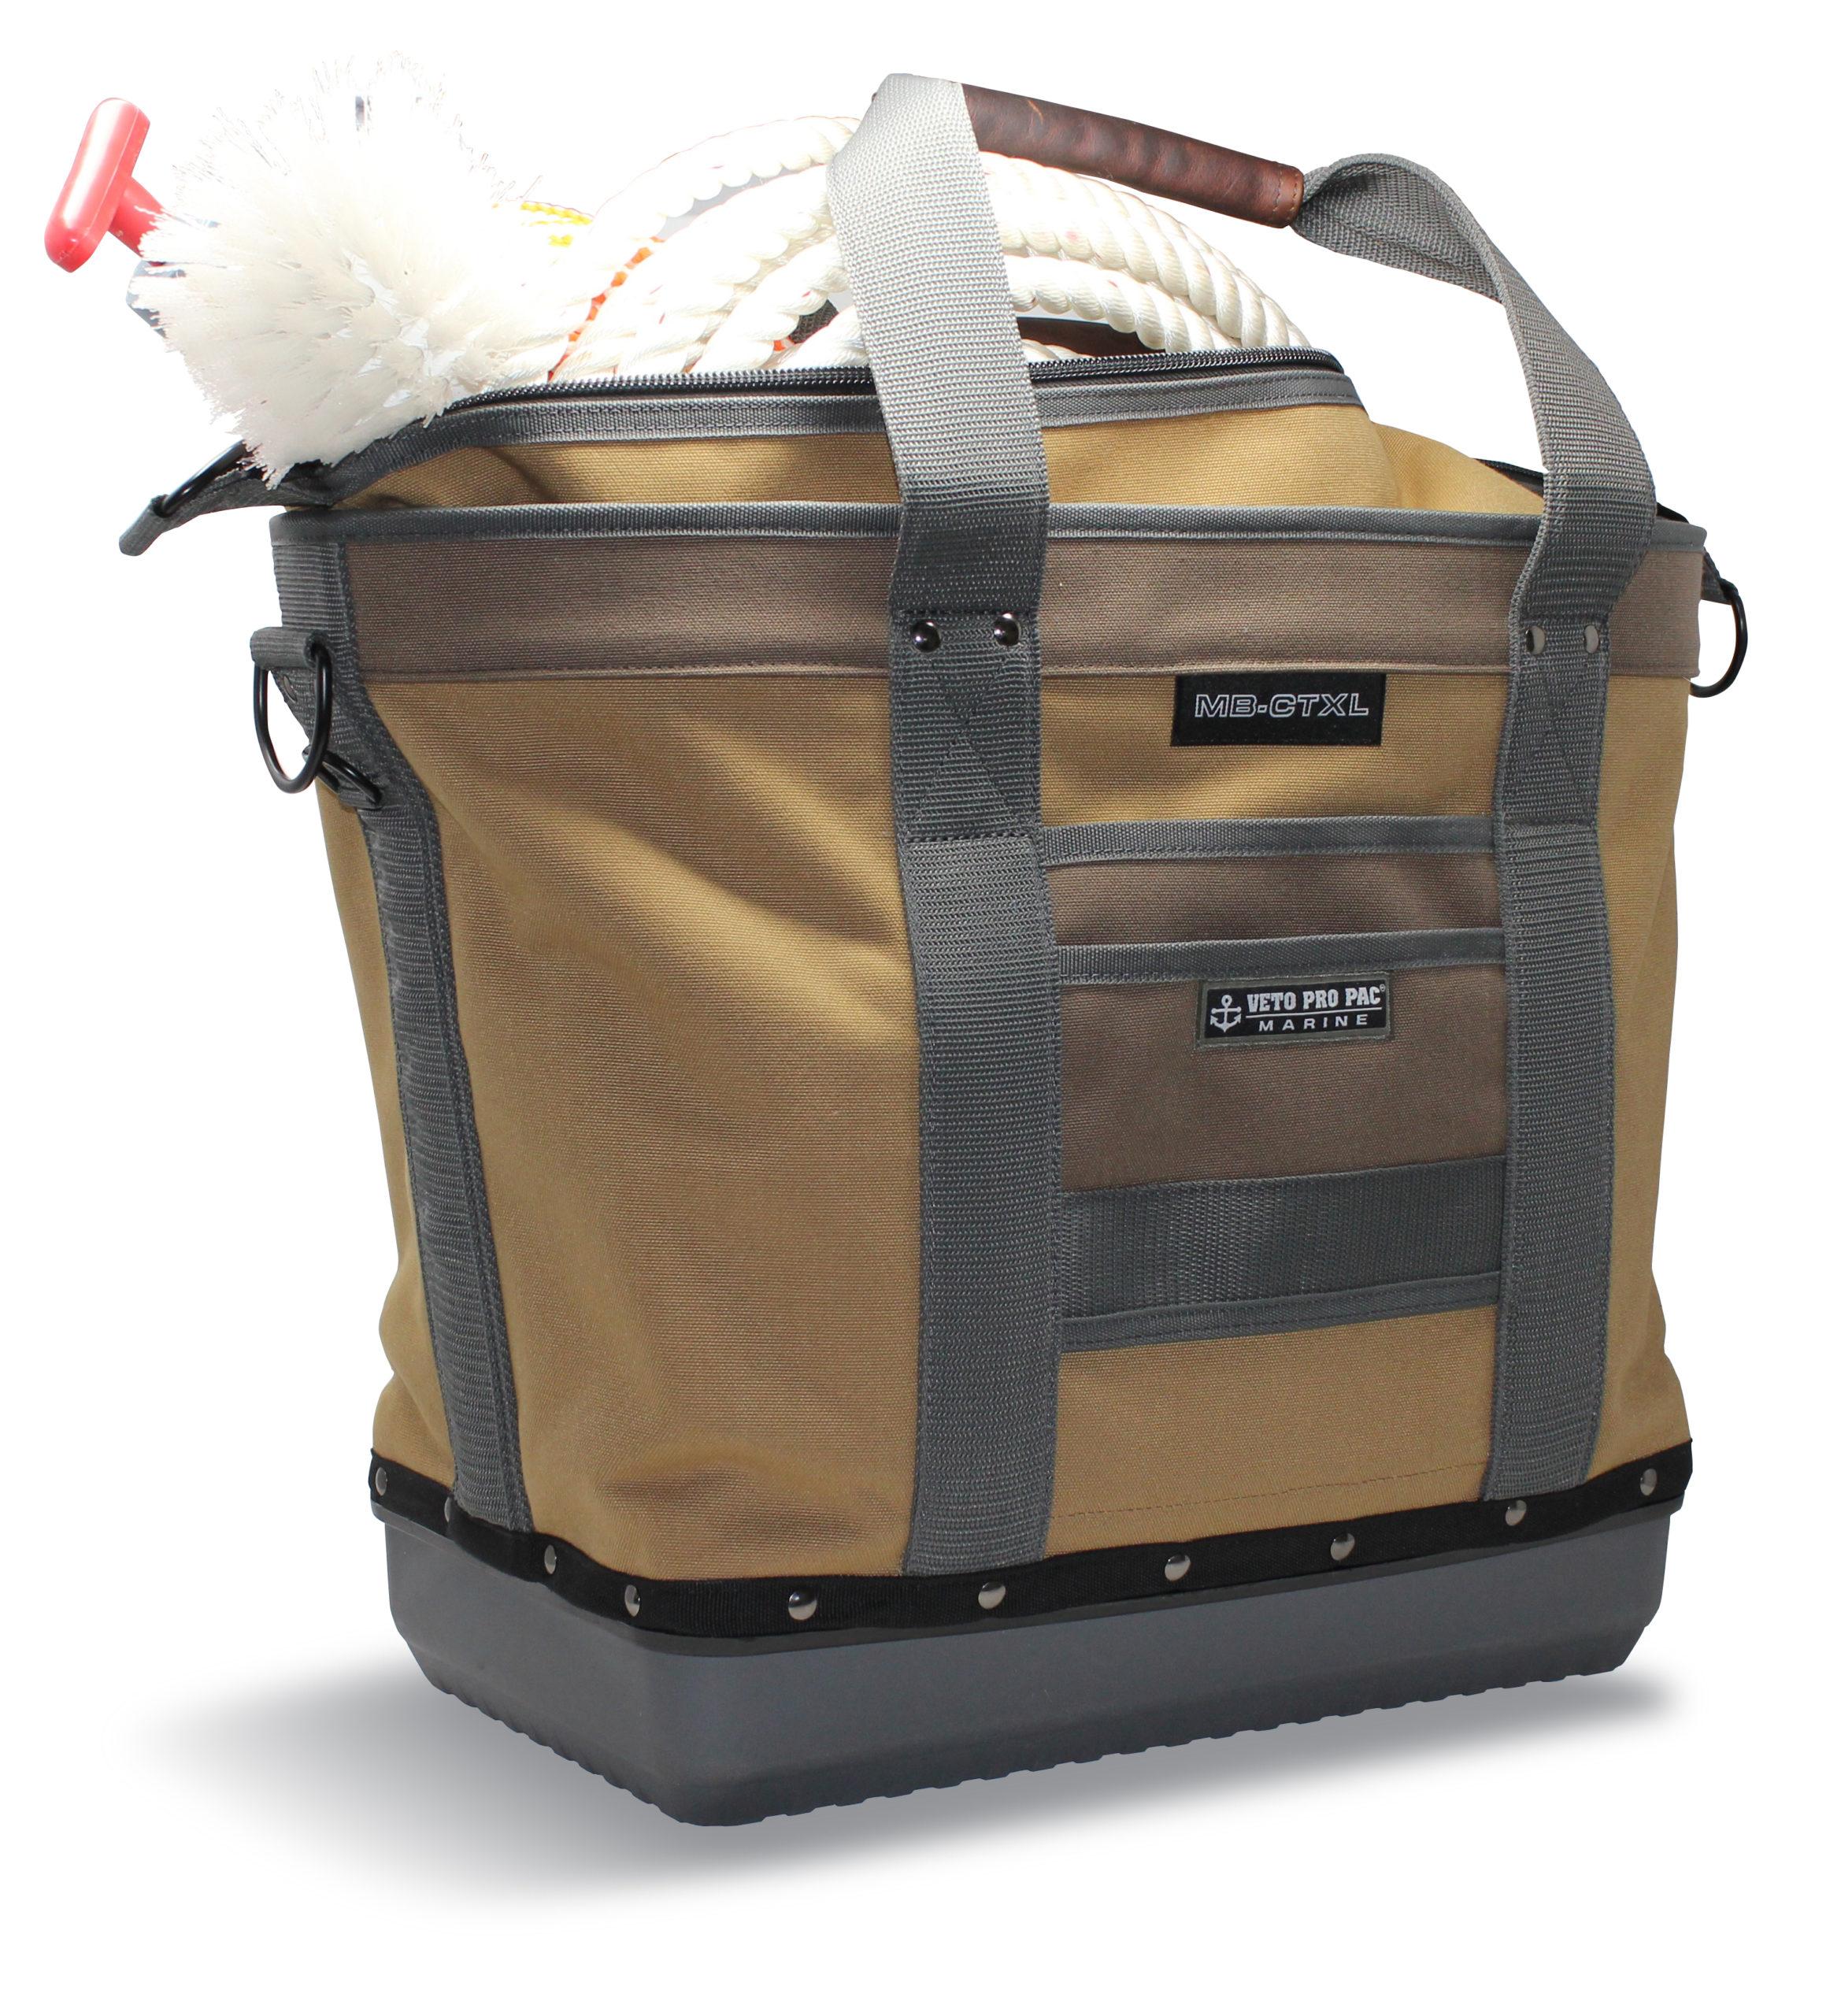 VETO PRO PAC CTXL Cargo Tote-XL